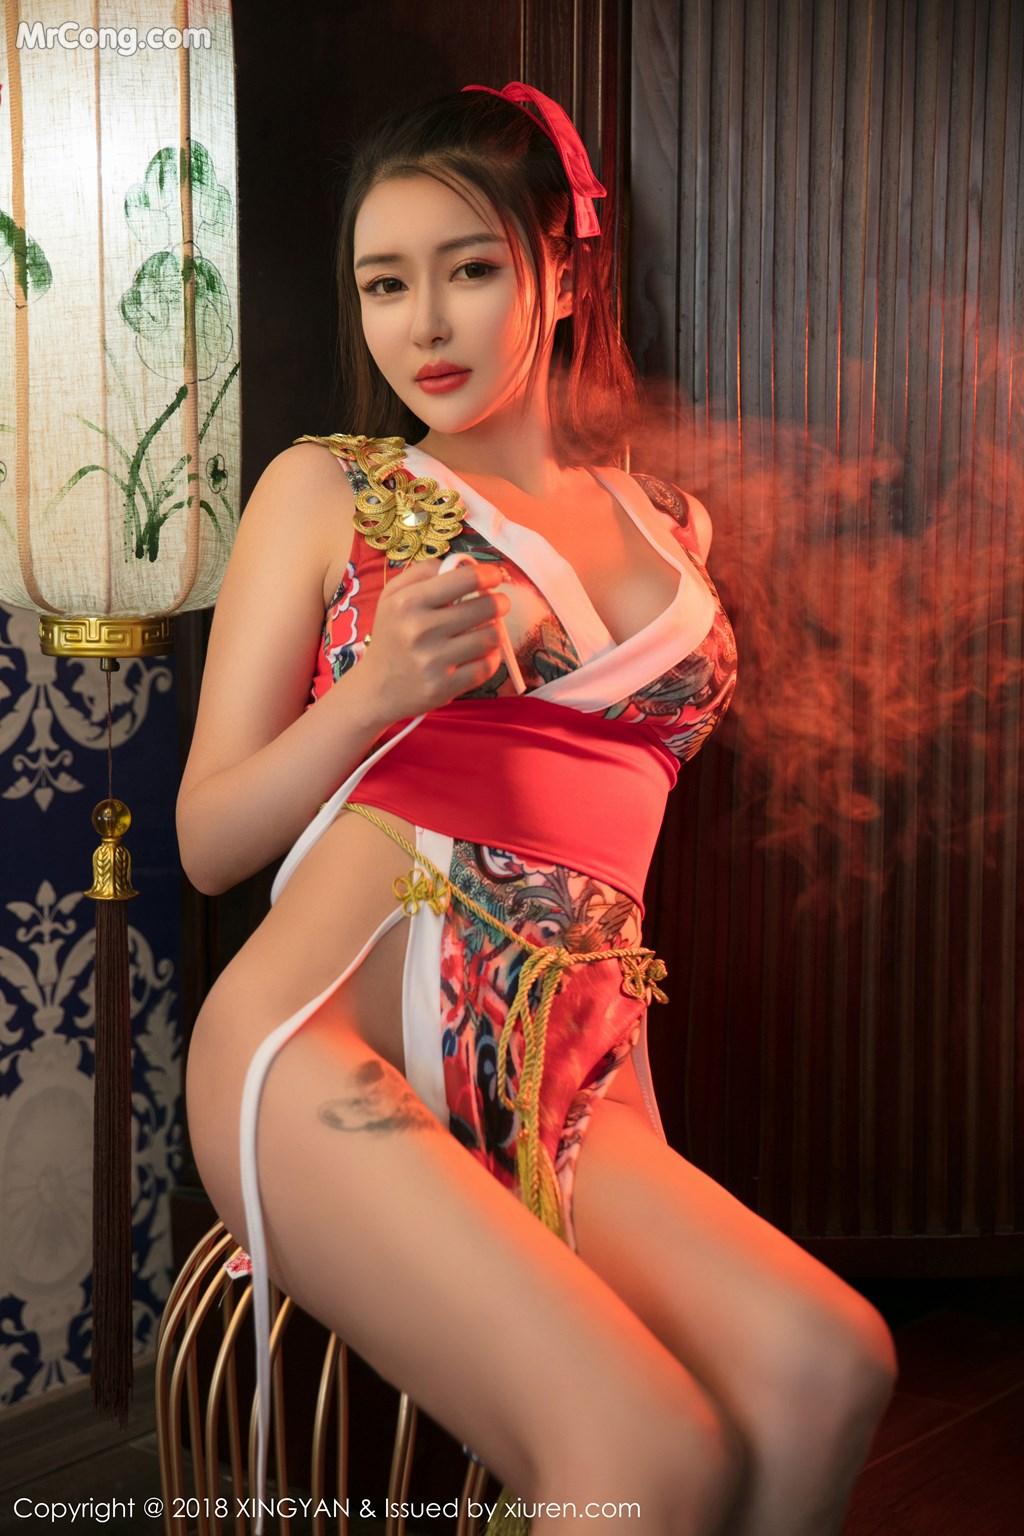 Image XingYan-Vol.028-MrCong.com-020 in post XingYan Vol.028: Người mẫu 廿十 (41 ảnh)